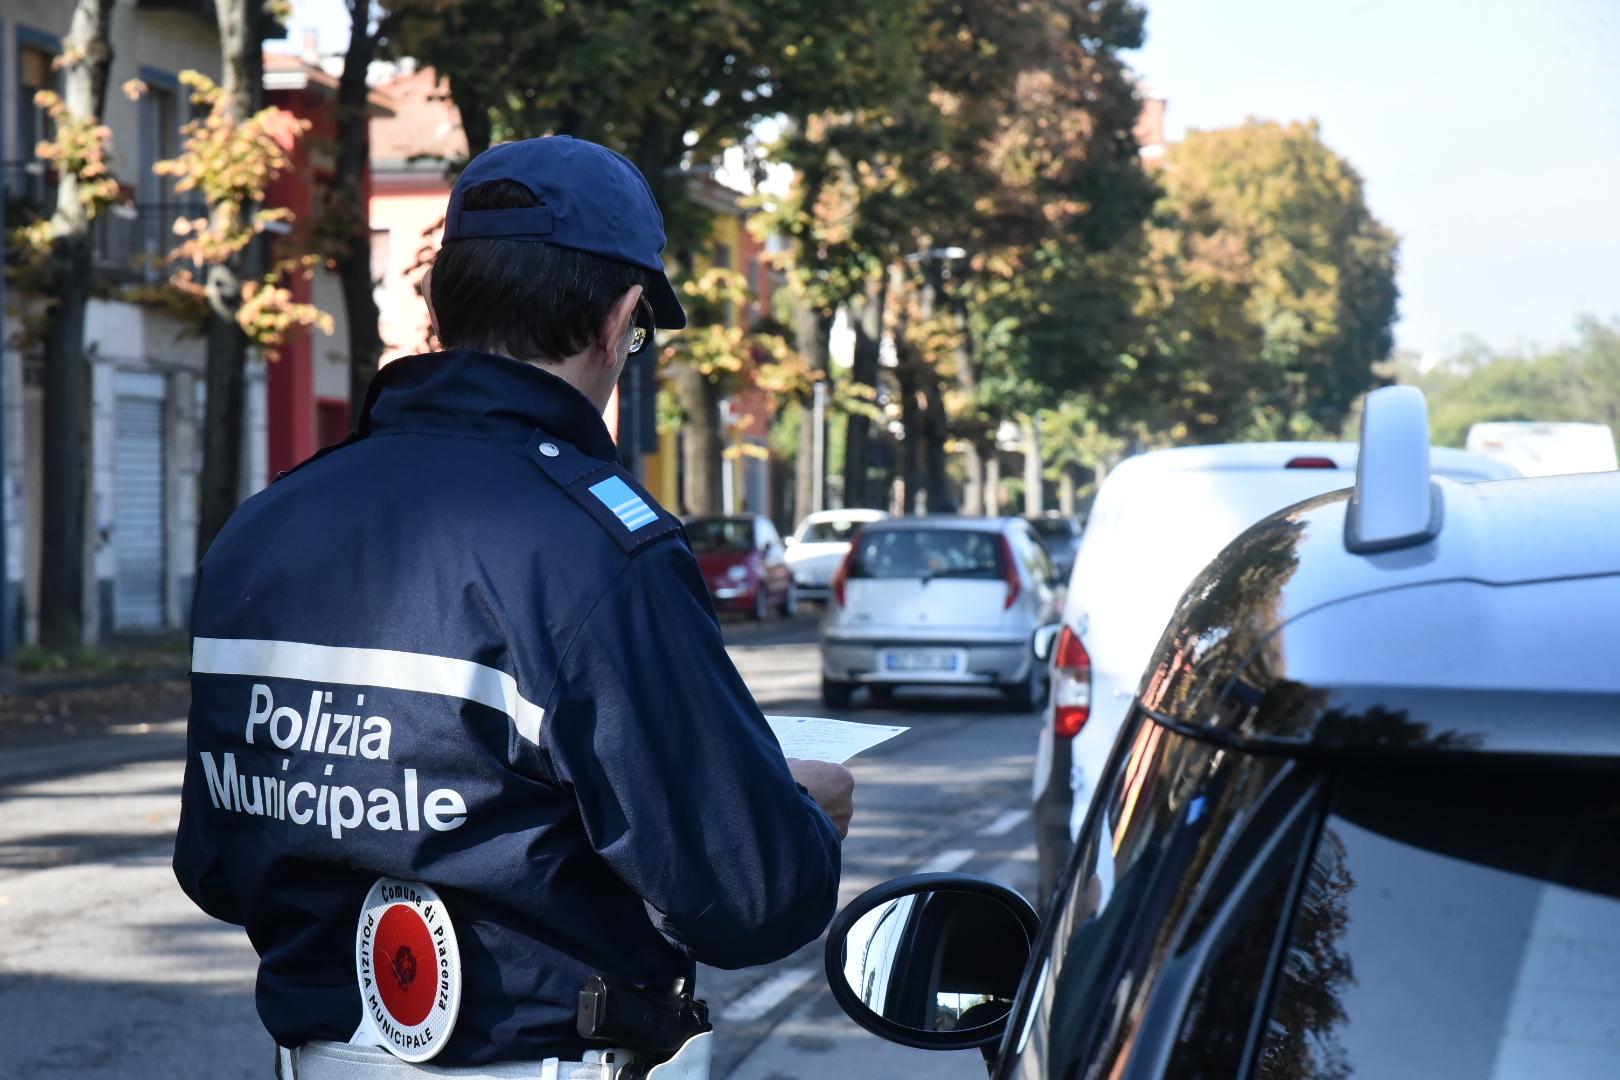 Domenica ecologica, oggi a Piacenza stop ai veicoli più inquinanti